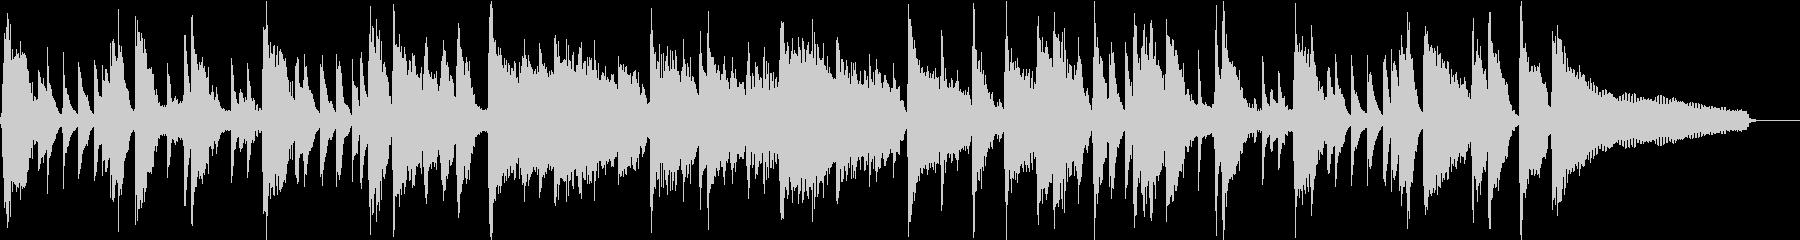 30秒】明るくポップ、ノリの良いピアノの未再生の波形